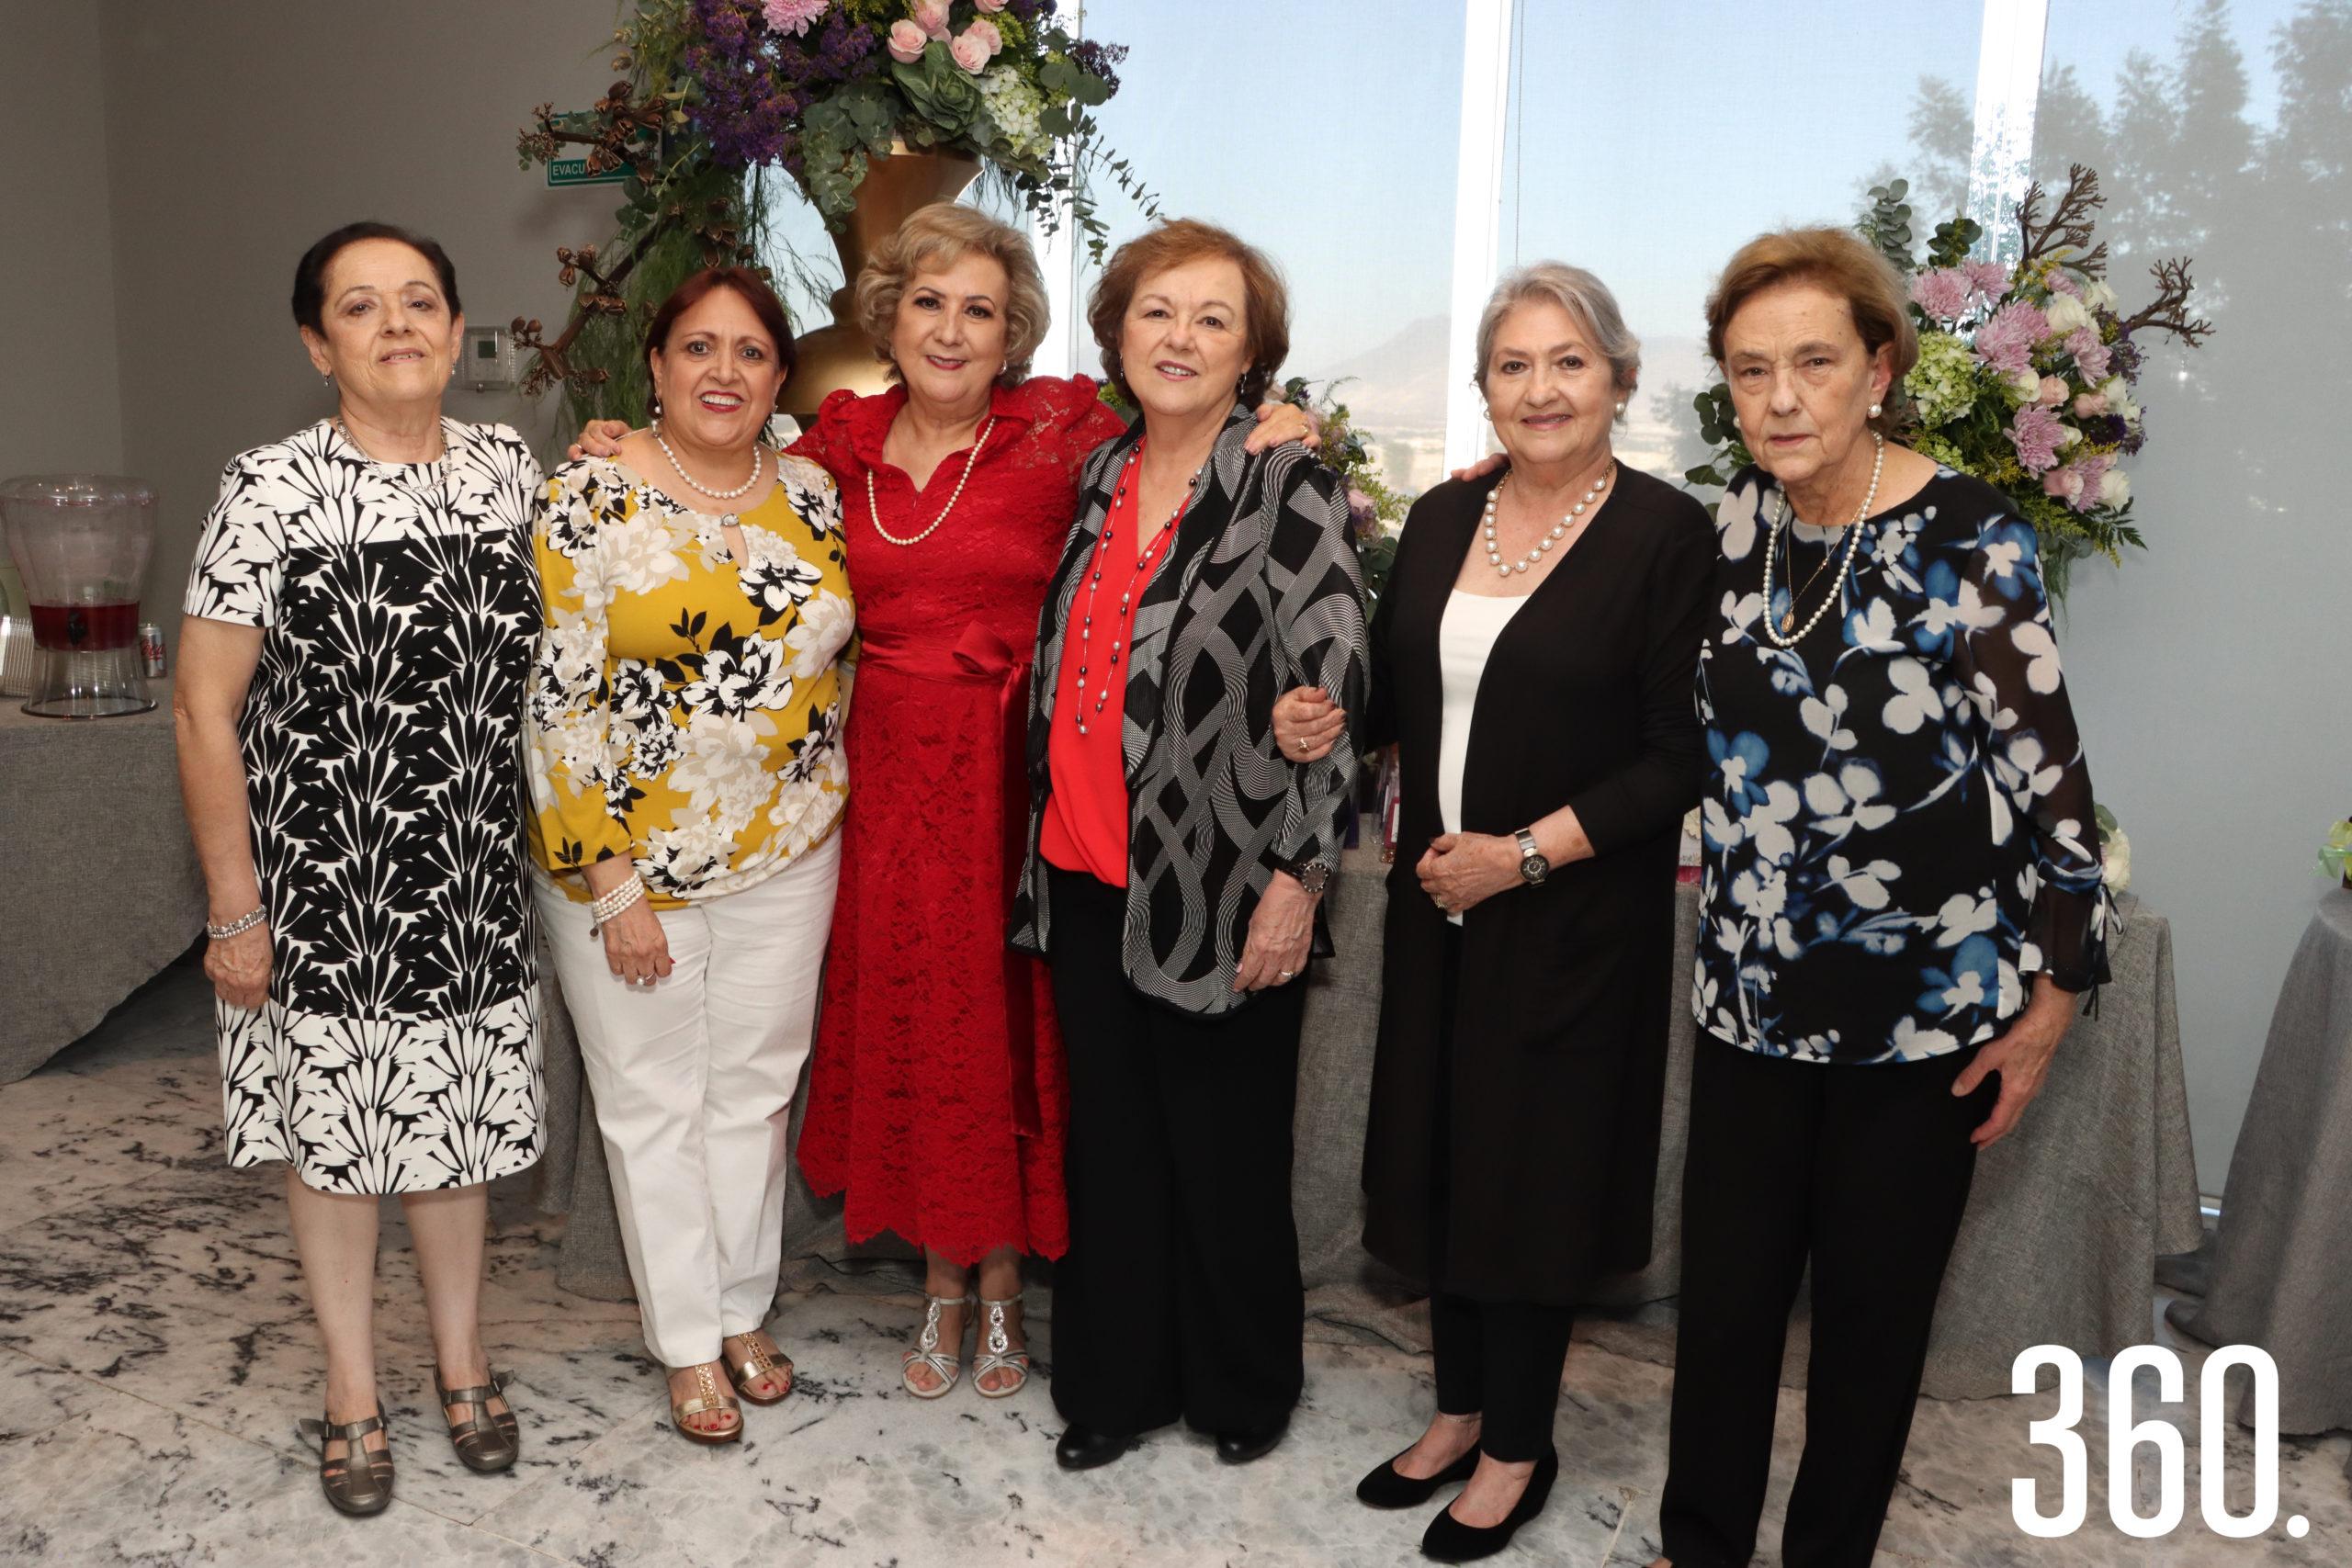 María Teresa Garza, Nelly Dávila, Mina Garza, Rosario Garza, Gloria Recio y Yolanda Cepeda.